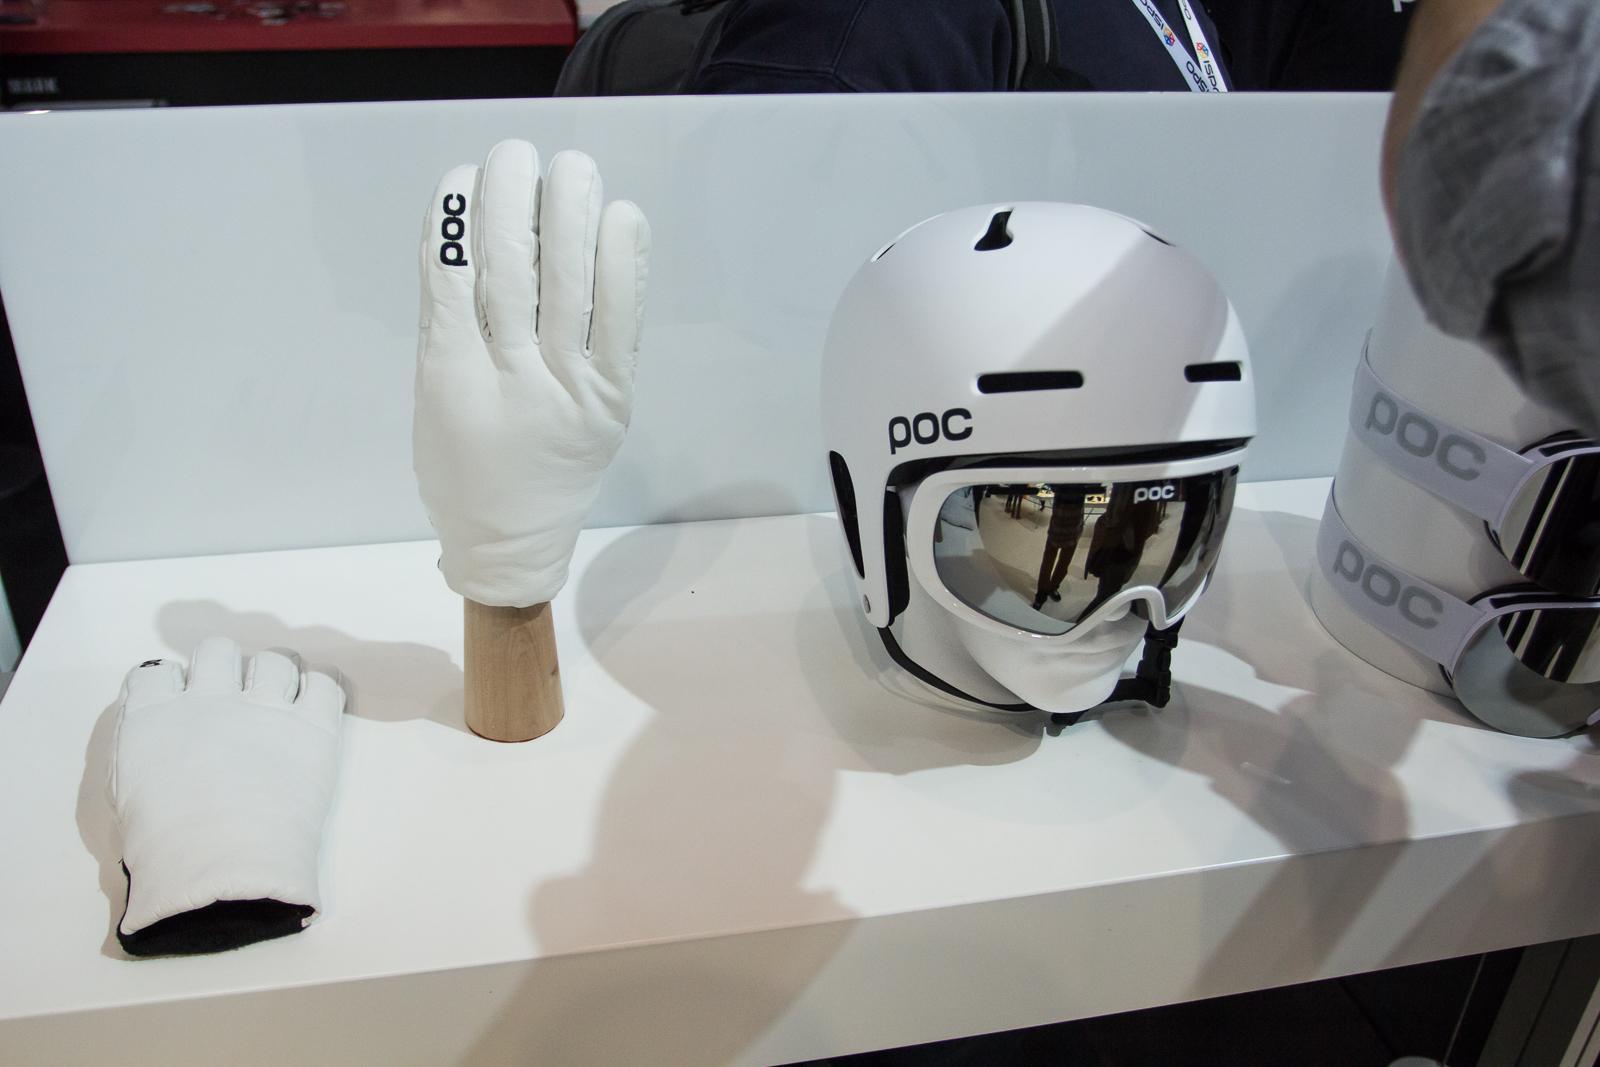 Der neue POC Auric Pro Helm mit verbessertem Schutz für Ohren und Schläfe. Goggle: Fovea mit Zeiss Optik. Der Handschuh ist für die Ladies und den Einsatz in Park & Pipe gedacht